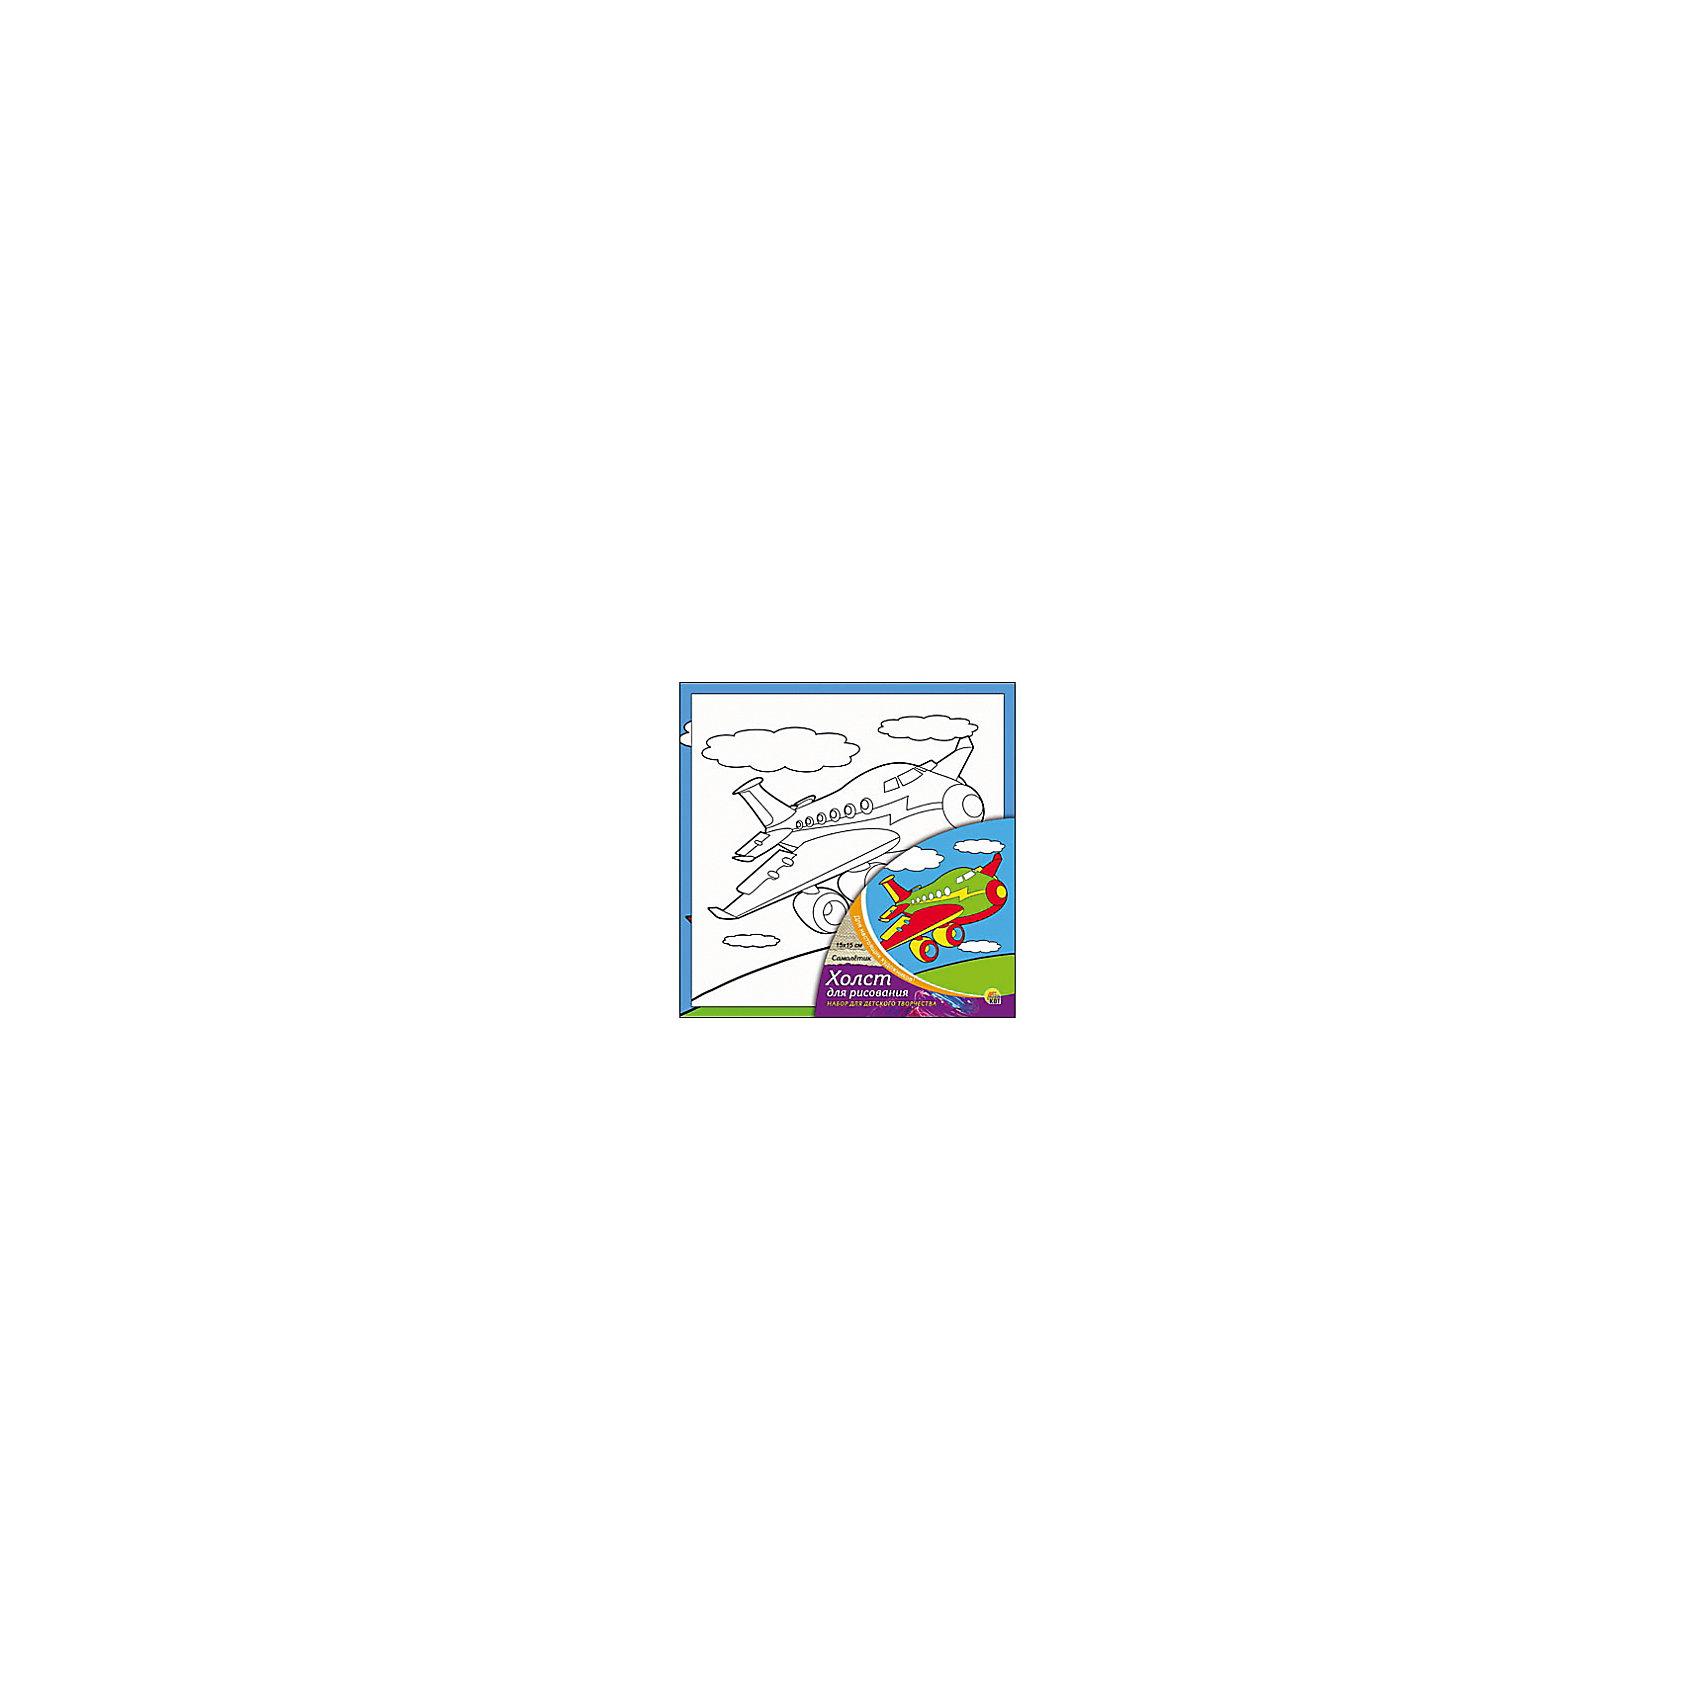 Холст с красками Самолётик 15х15 смРисование<br>замечательные наборы для создания уникального шедевра изобразительного искусства. Создание картин на специально подготовленной рабочей поверхности – это уникальная техника, позволяющая делать Ваши шедевры более яркими и реалистичными. Просто нанесите мазки на уже готовый эскиз и оживите картину! Готовые изделия могут стать украшением интерьера или прекрасным подарком близким и друзьям.<br><br>Ширина мм: 150<br>Глубина мм: 150<br>Высота мм: 15<br>Вес г: 838<br>Возраст от месяцев: 36<br>Возраст до месяцев: 108<br>Пол: Унисекс<br>Возраст: Детский<br>SKU: 5096734